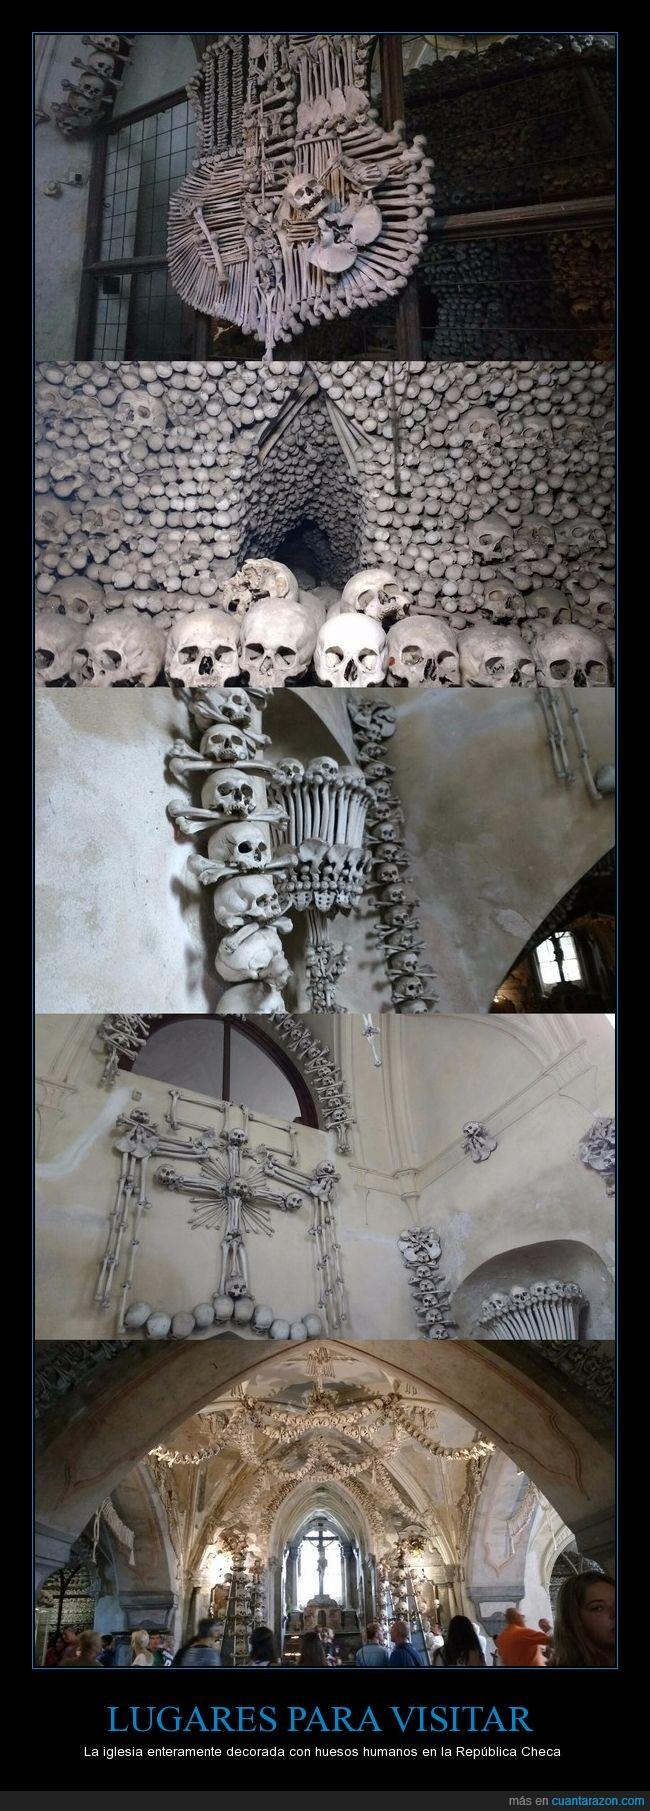 huesos humanos,iglesia,república chica